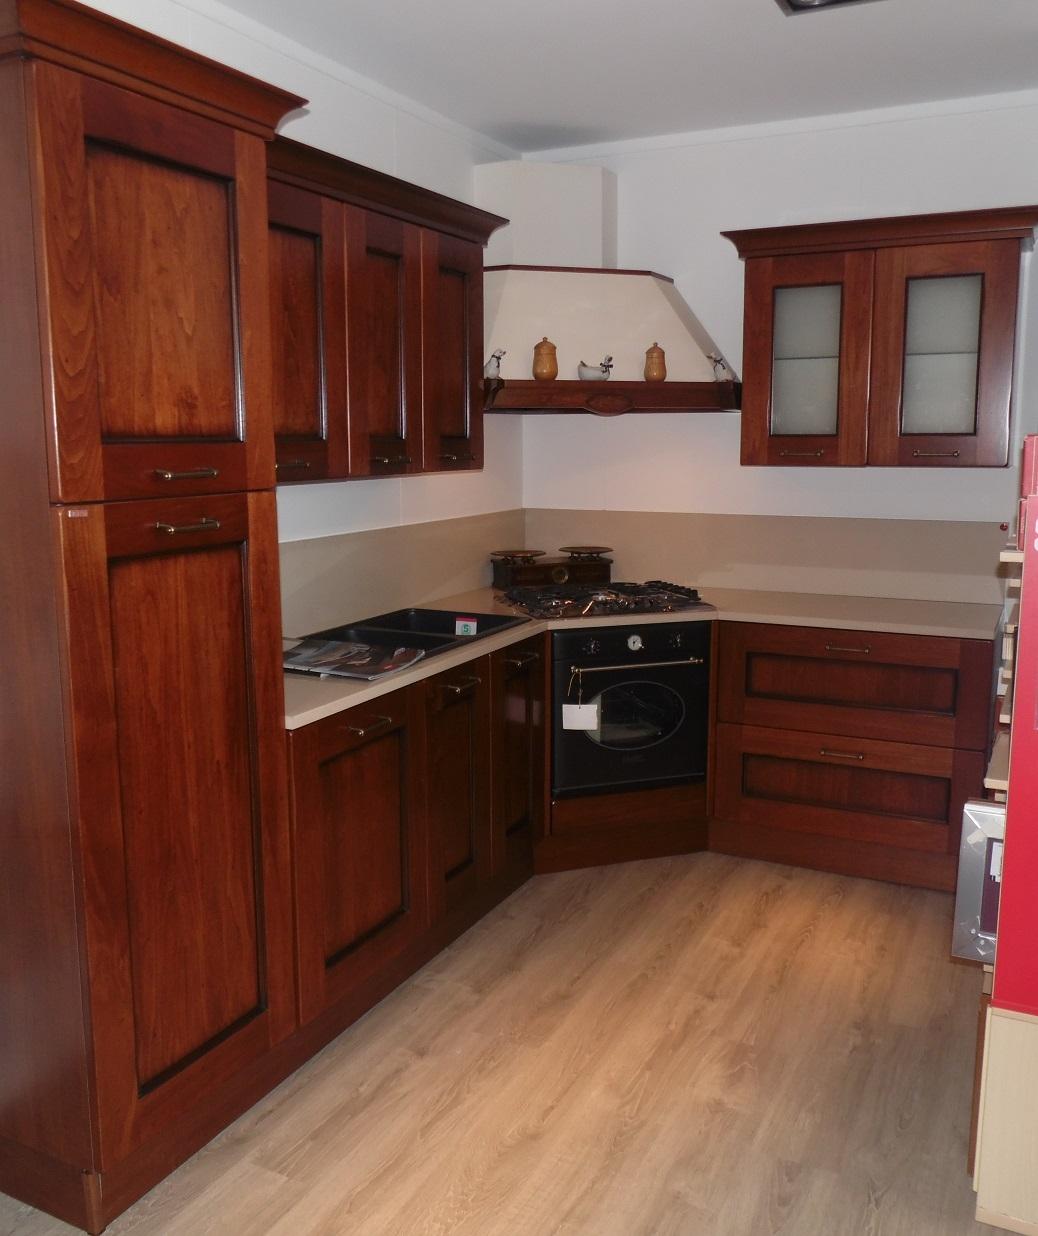 Cucina ad angolo amelie scavolini scontata del 30 - Cucine scavolini classiche prezzi ...